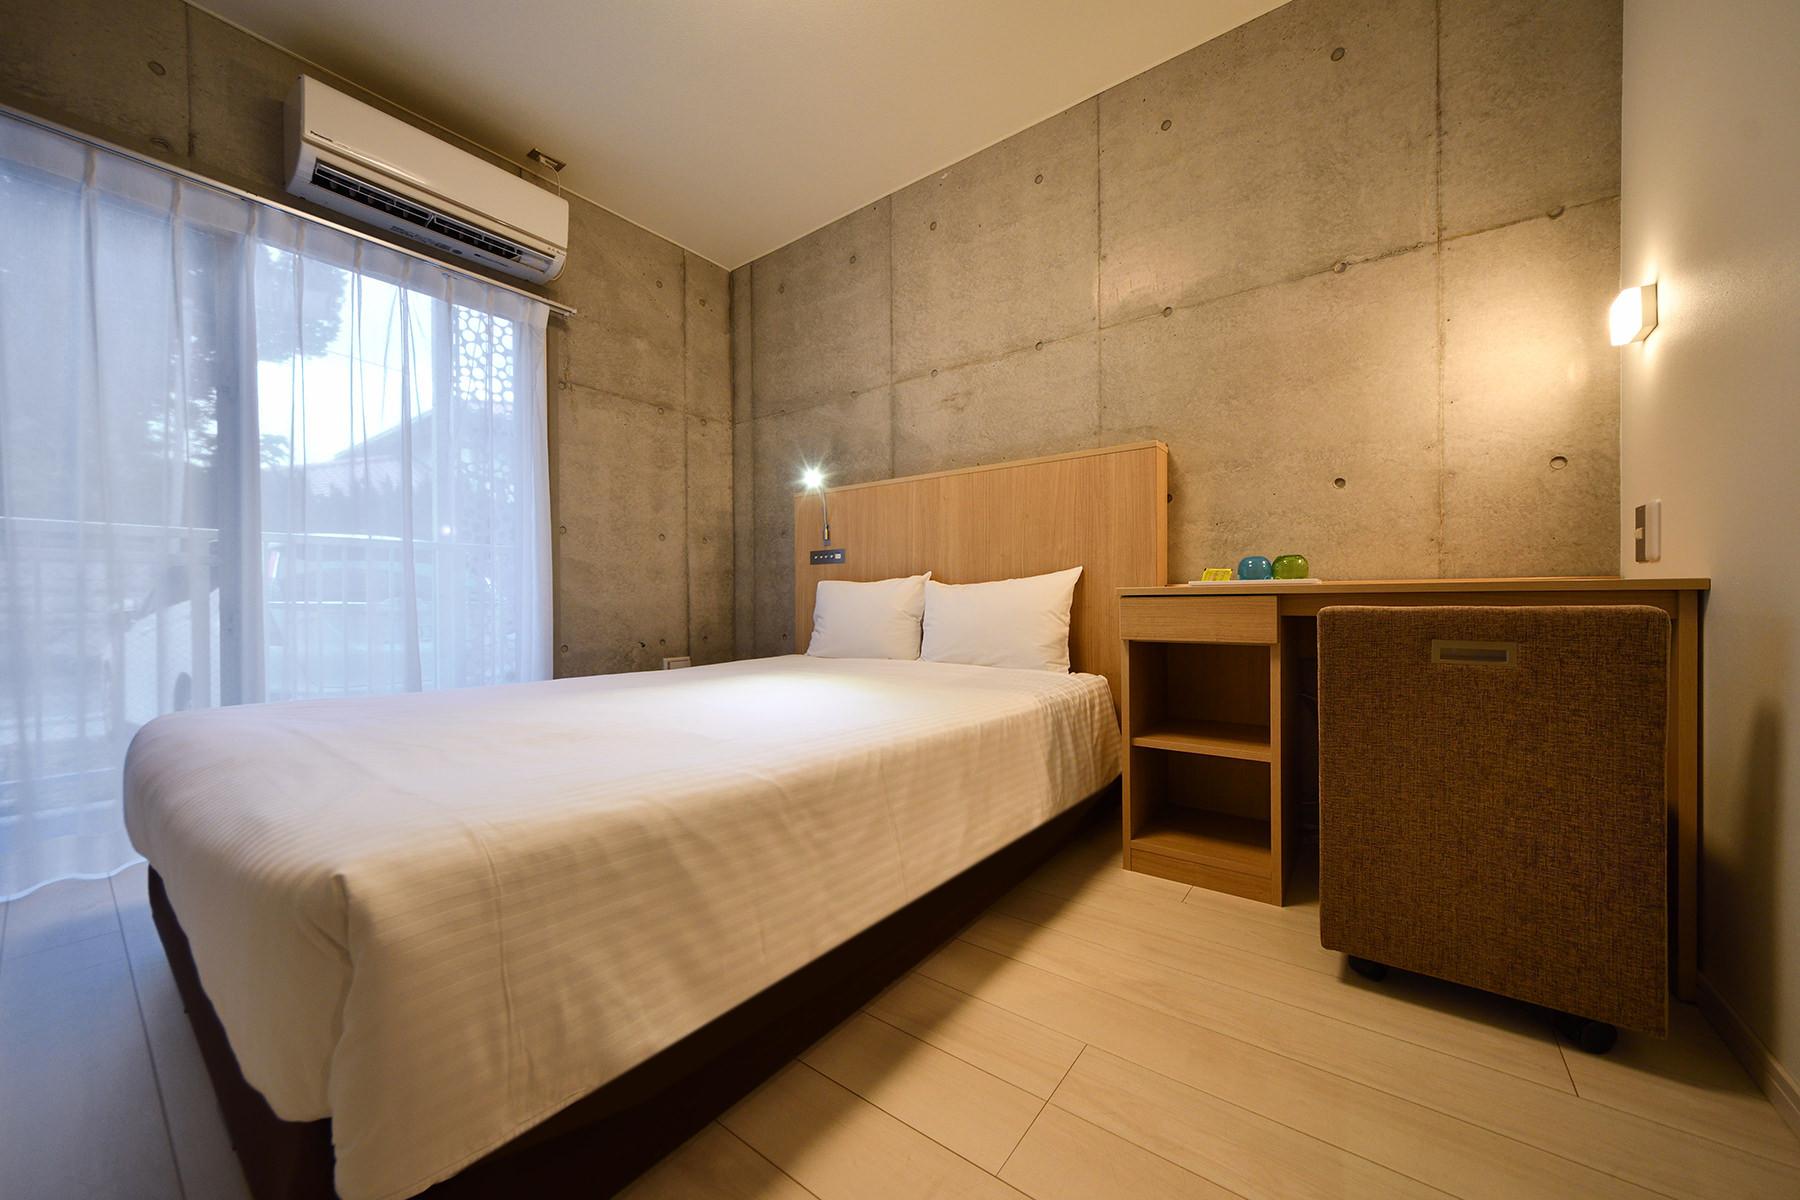 ホテルWBF PORTO石垣島 石垣島 ビジネス ホテル 出張 観光 ひとり旅 旅行 沖縄 離島